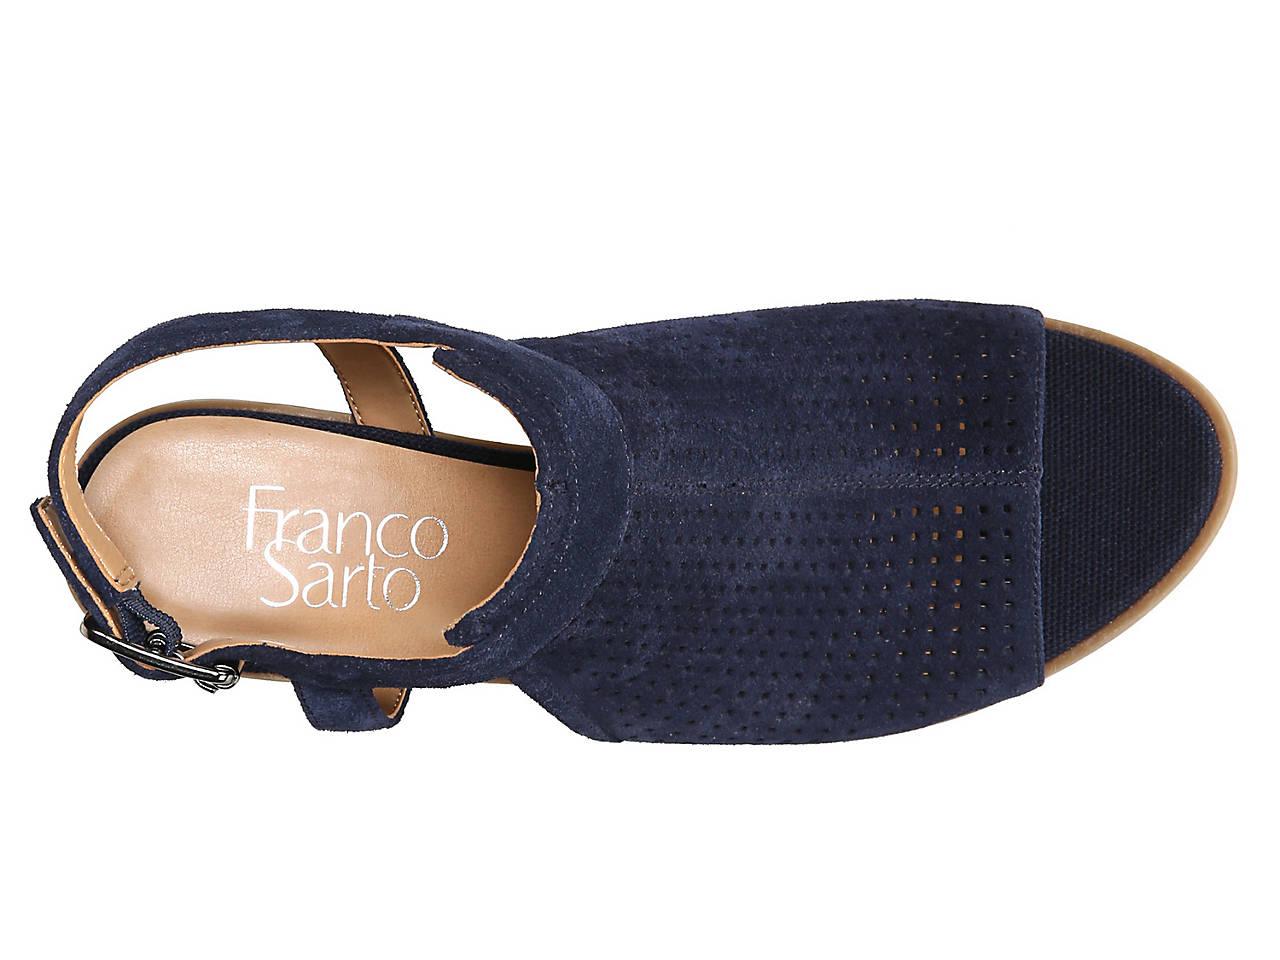 858e08f1315af Franco Sarto Harlet 2 Sandal Women s Shoes